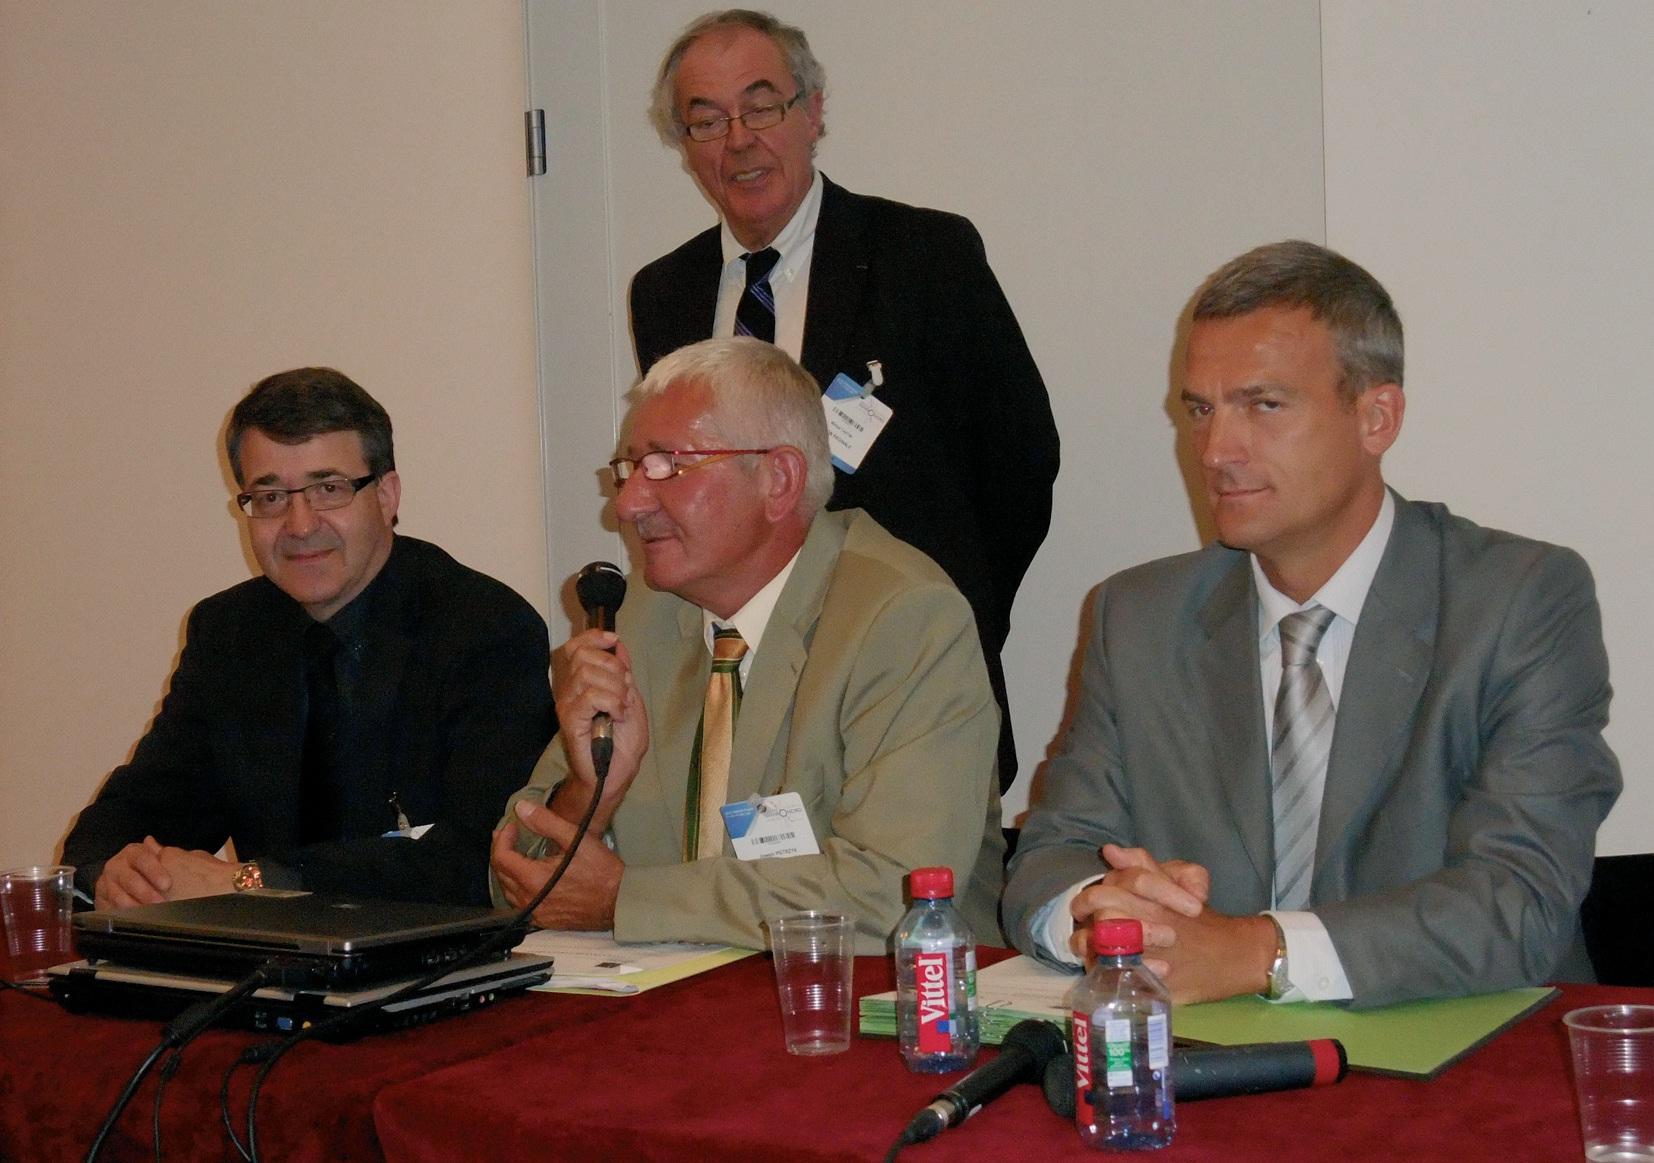 La convention entre ERDF, GRDF, La Poste et l'Union des DGS est signée au niveau de notre région.